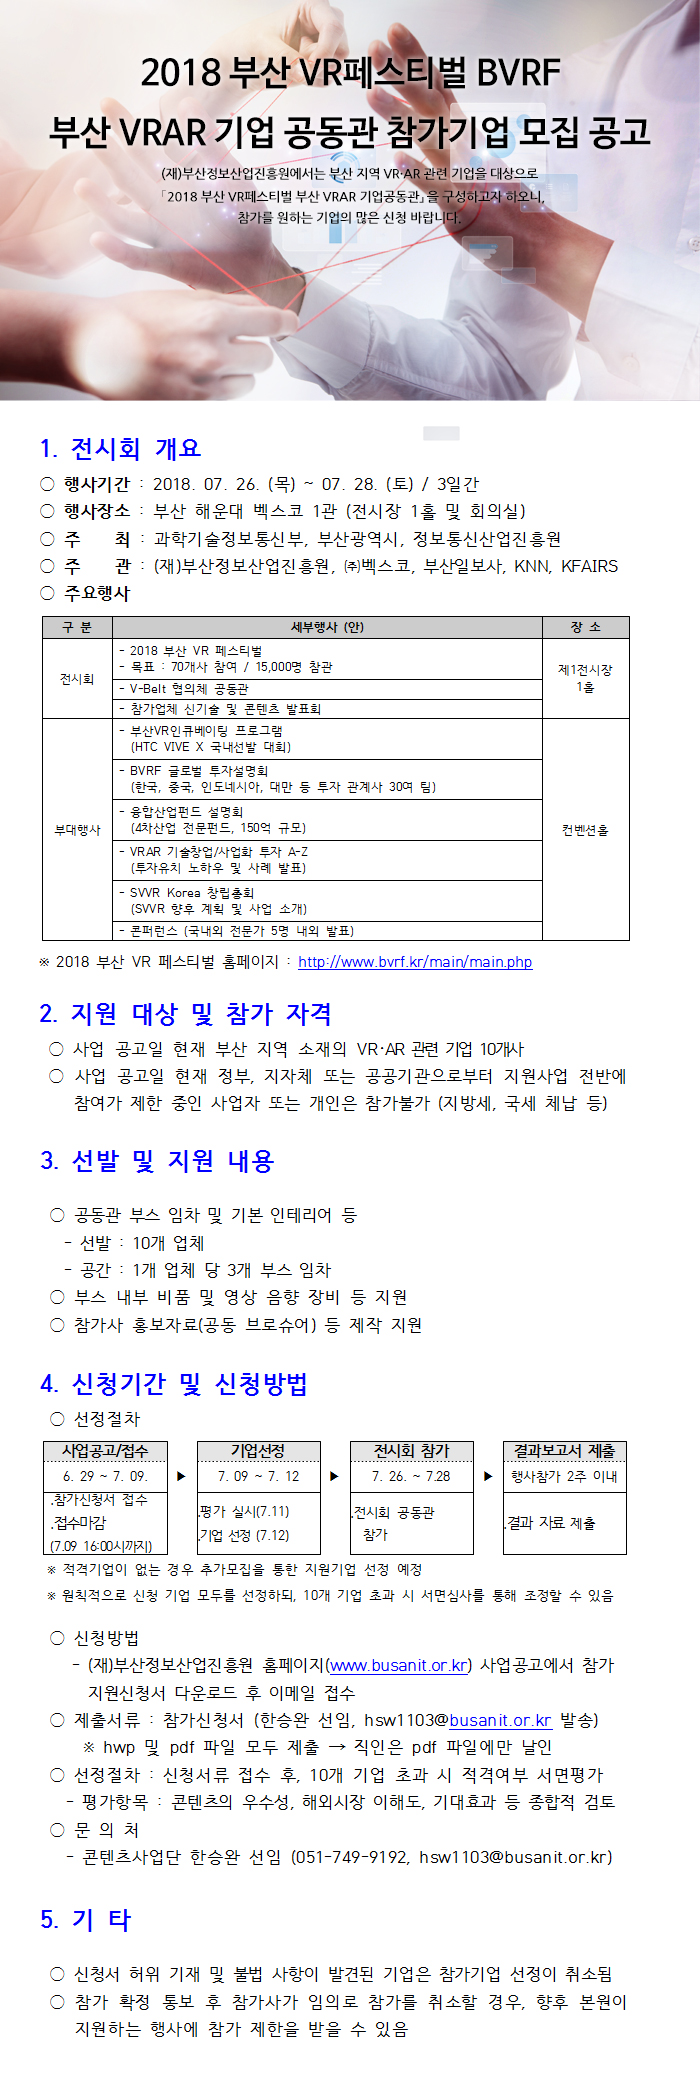 2018 부산 VR 페스티벌 - 부산 VRAR 기업공동관 참가기업 모집 공고